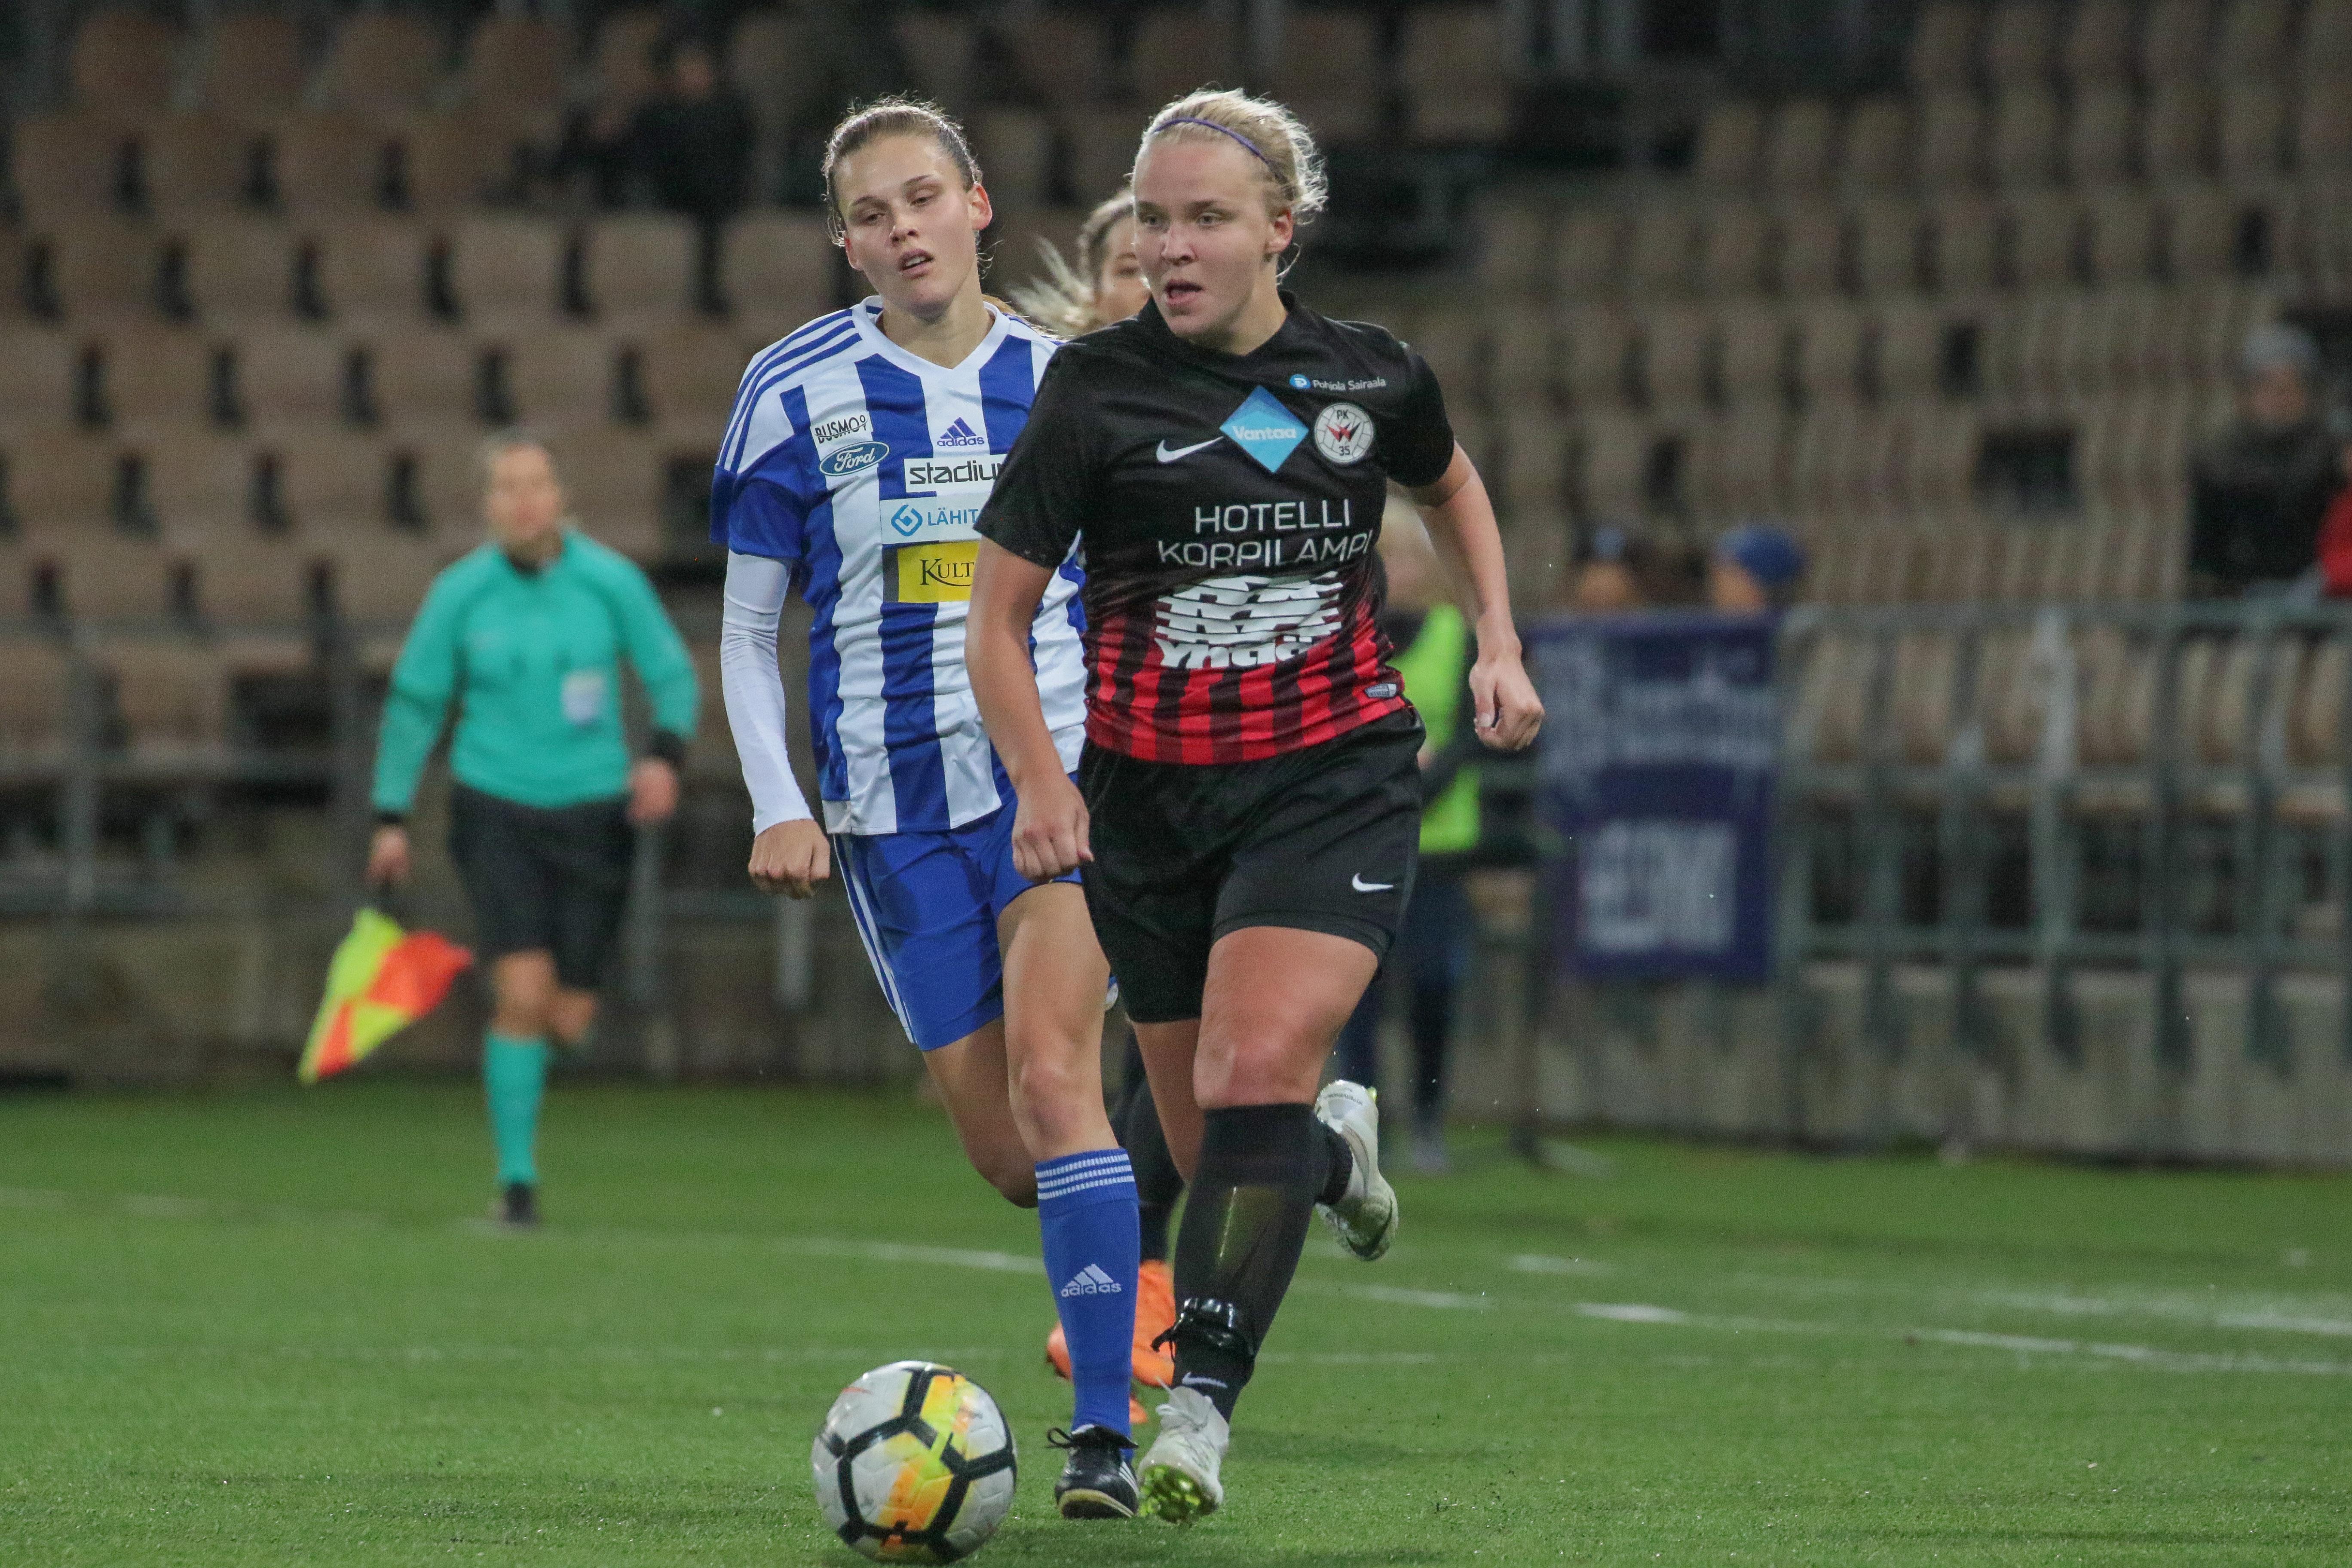 HJK – PK 35 Vantaa, 1 2, Naisten Liiga,20.10.2018, PK 35 Vantaa Suomen Mestari 63